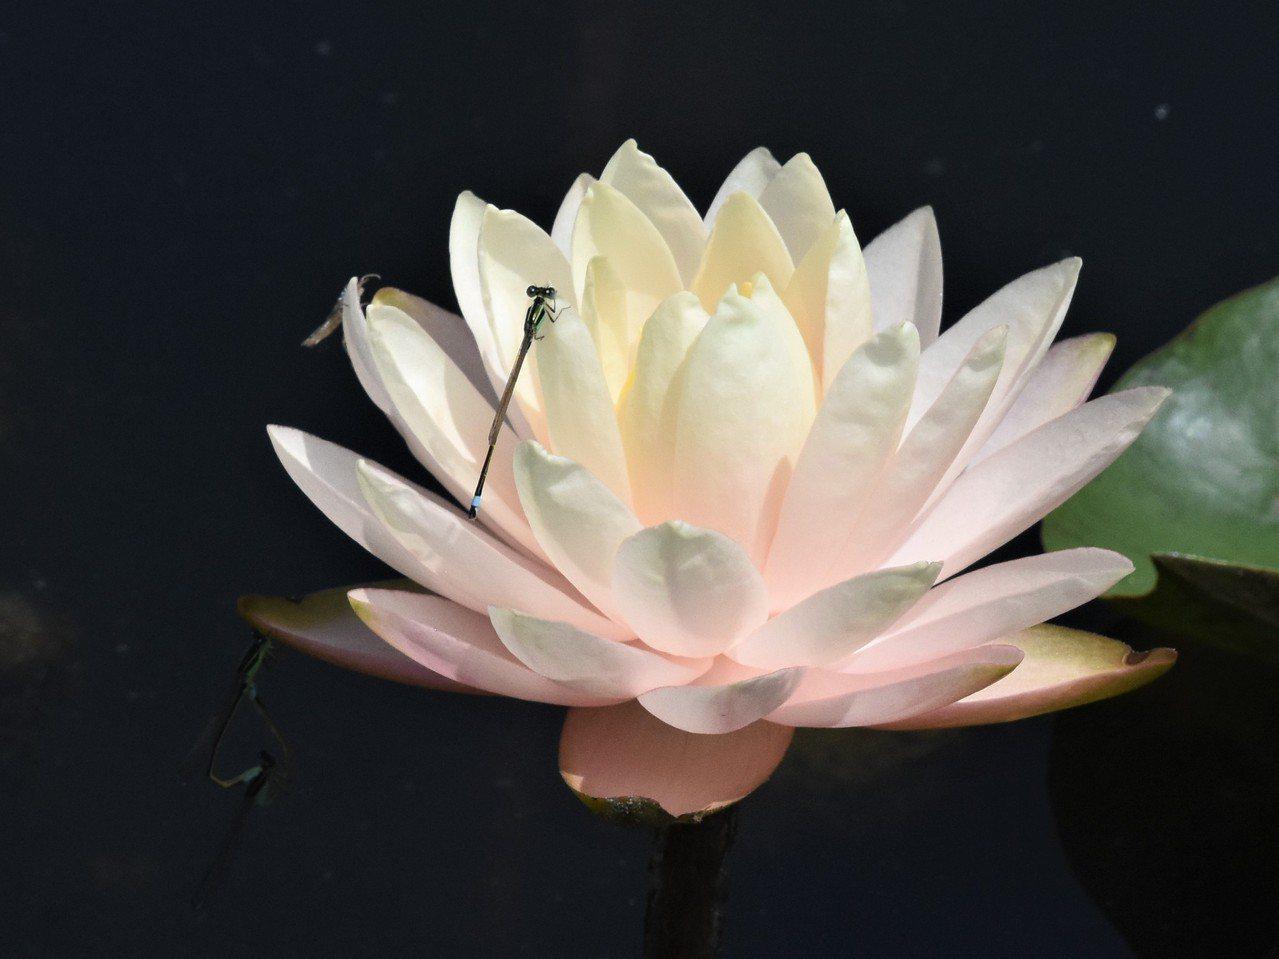 觀音蓮因為花型像似觀音寶座獲名,氣温在攝氏16度左右就能開始開花。 圖/沈正柔